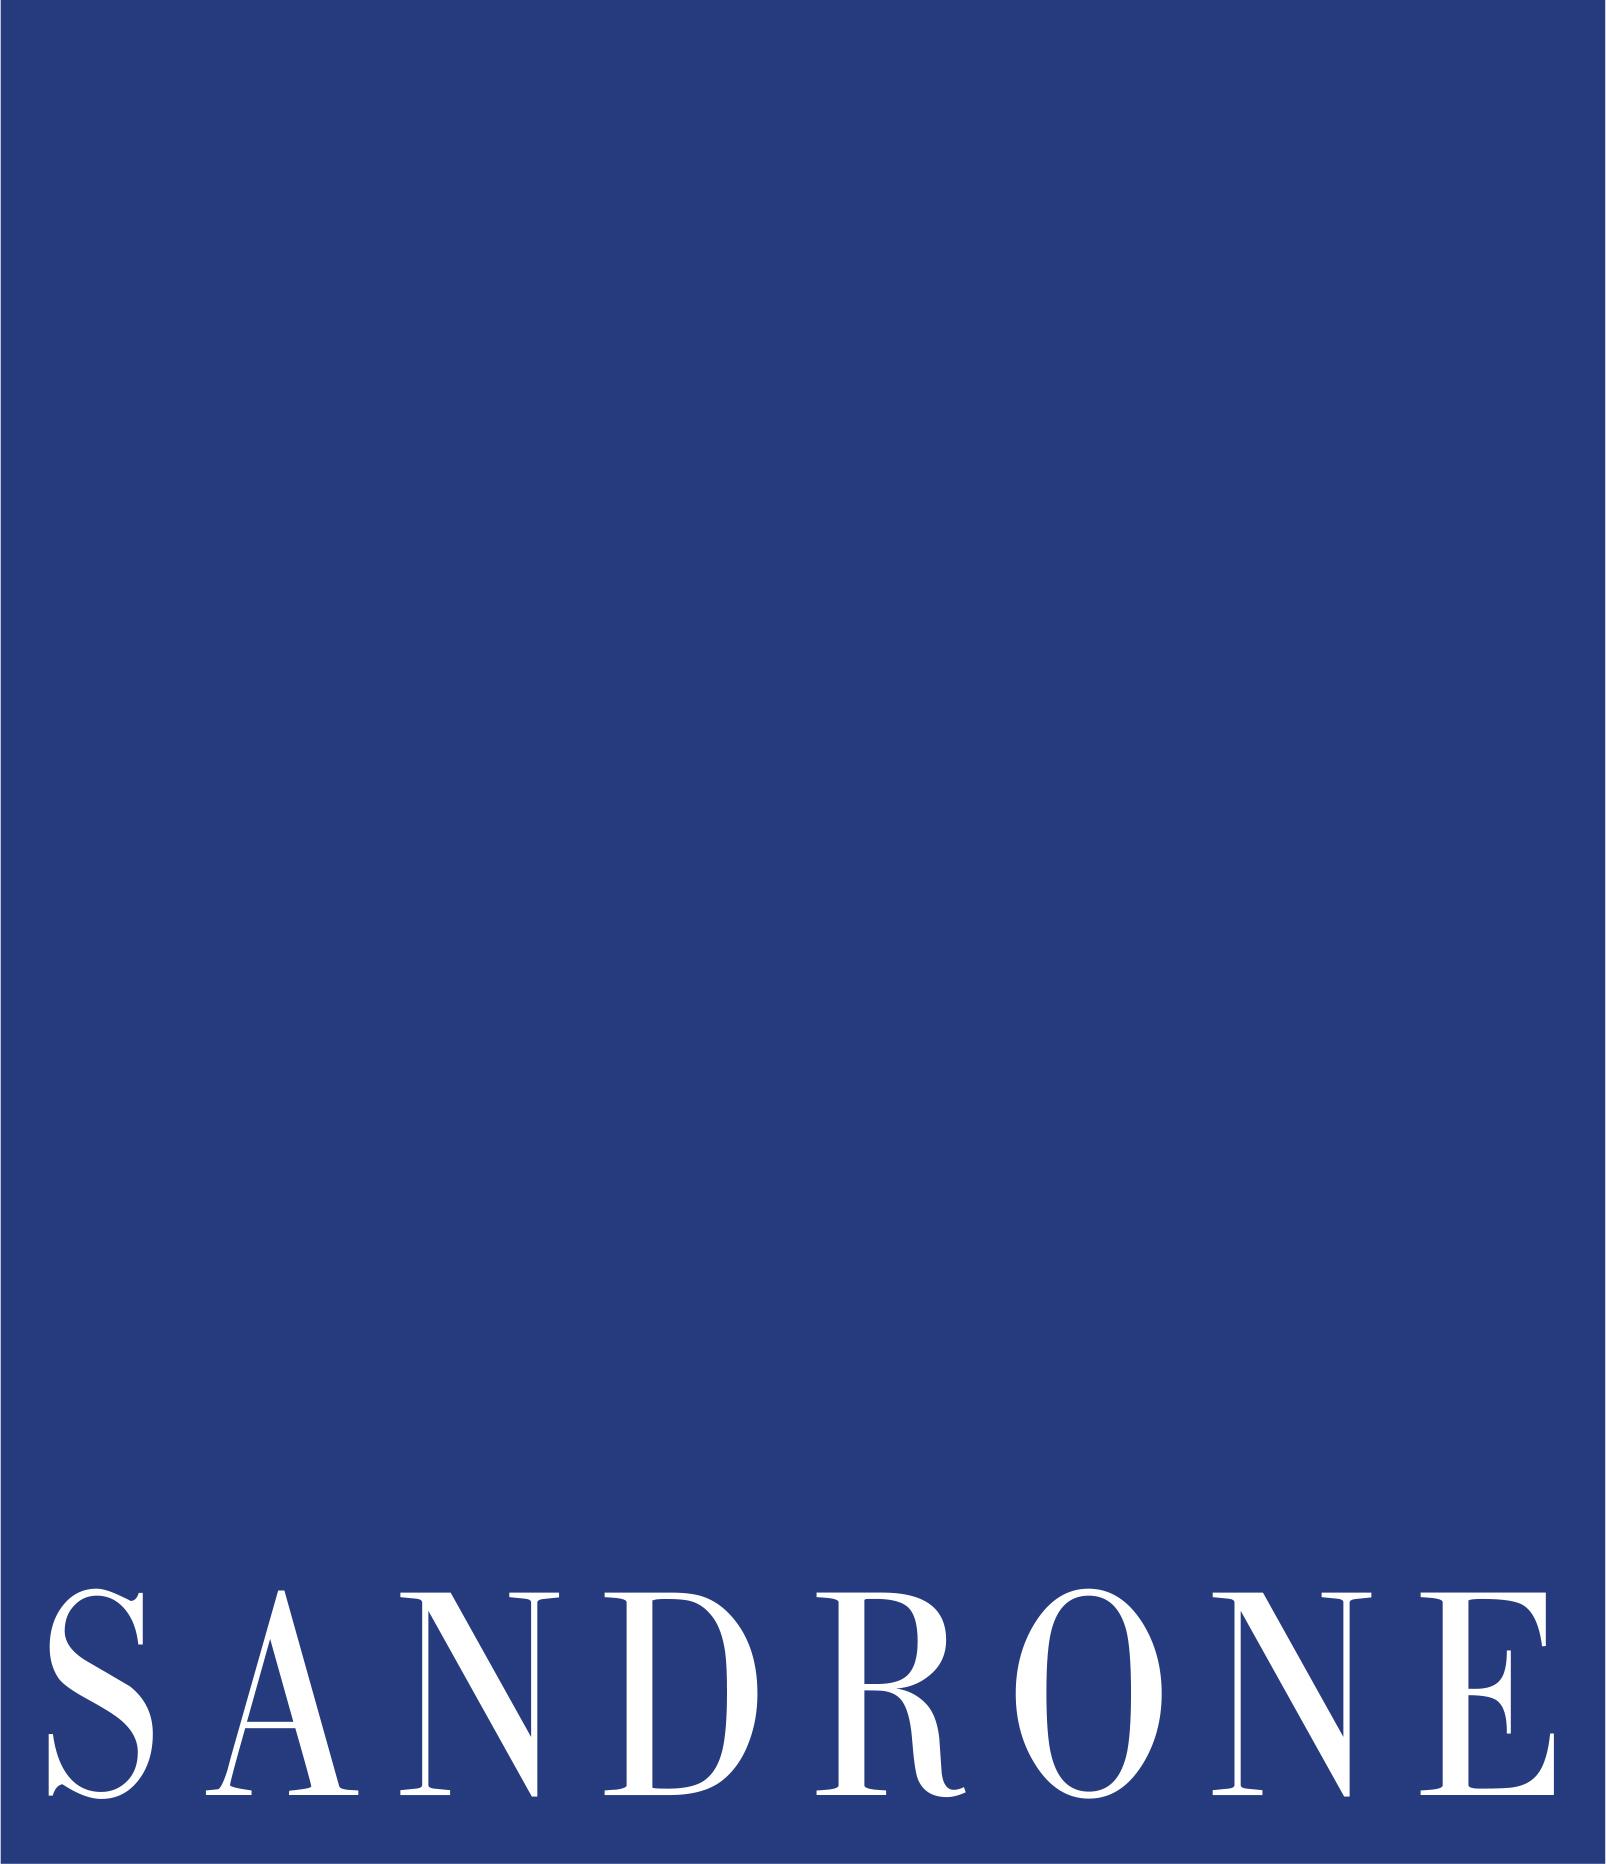 Sandrone-SCHRIFTRvi7mtR2nDARq